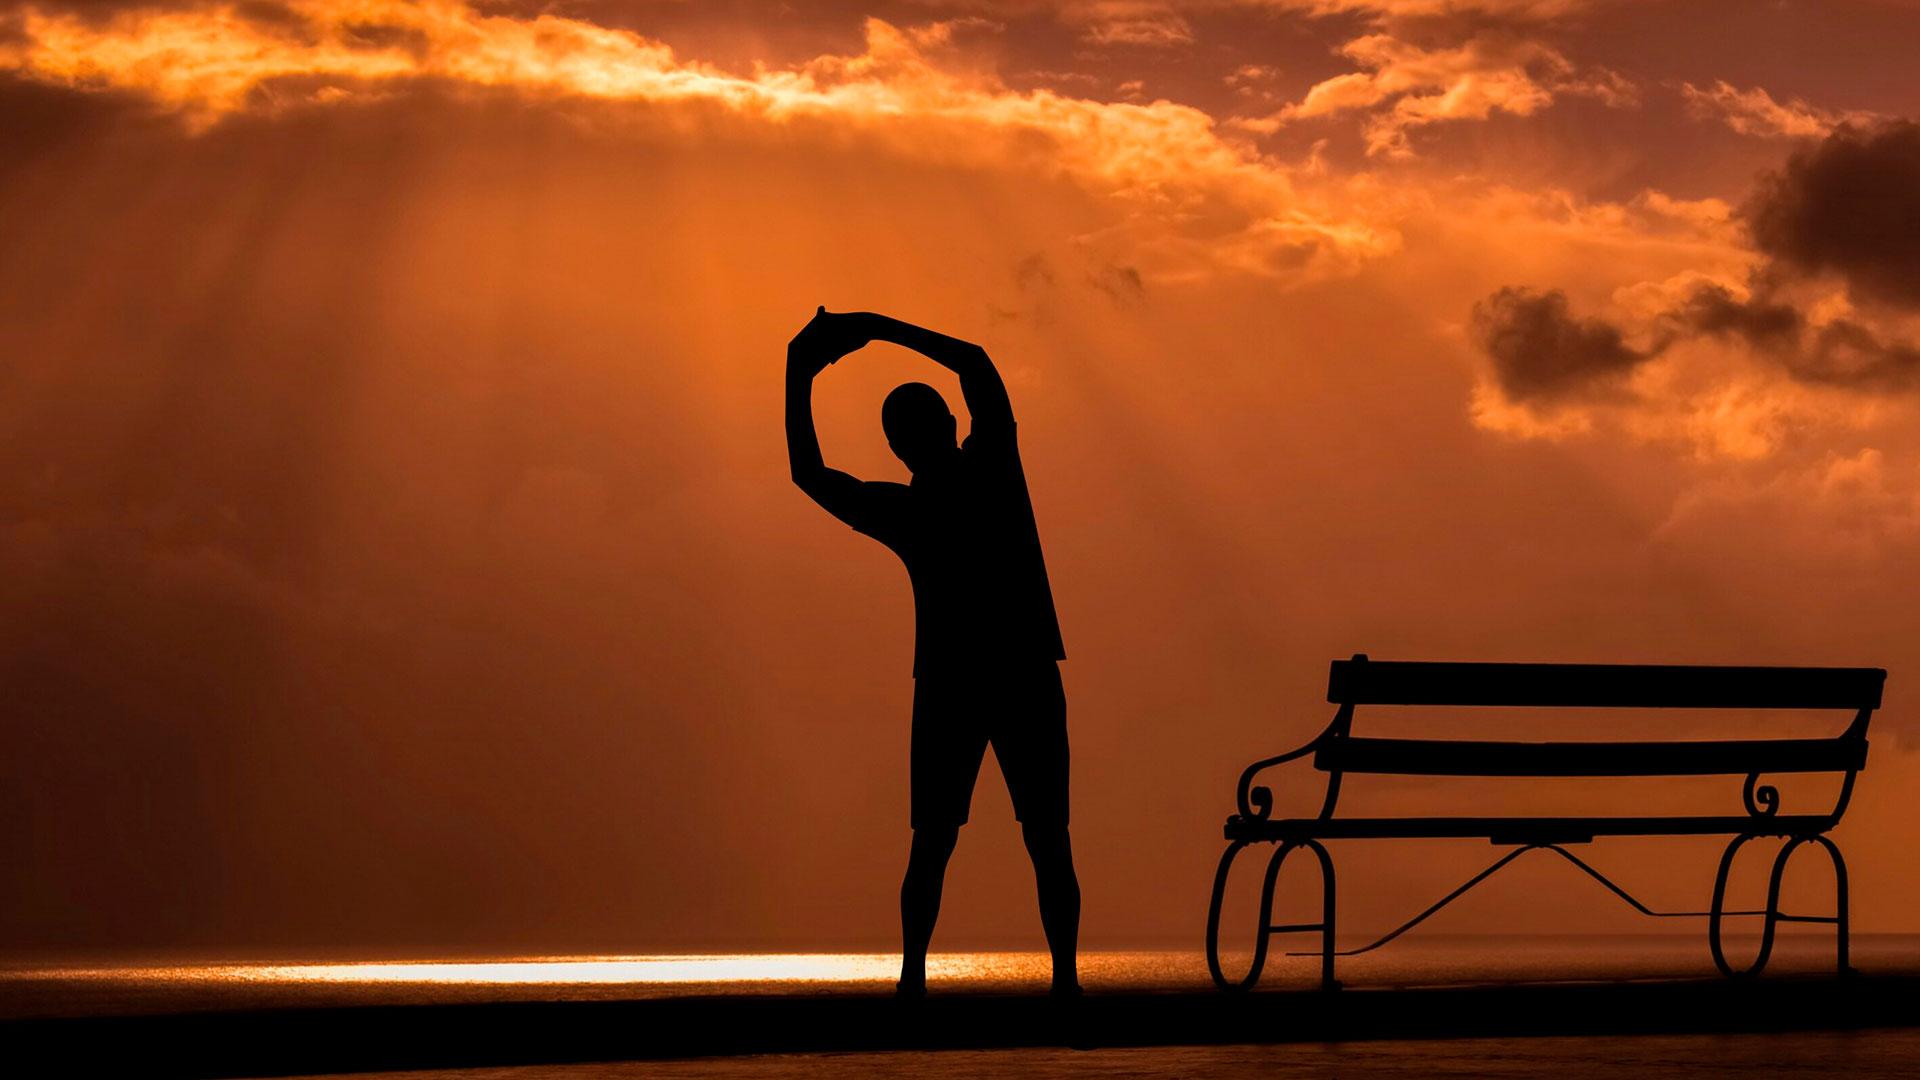 Растяжка для начинающих - с чего начать? Упражнения для спины, ног, рук и для шпагата в домашних условиях,